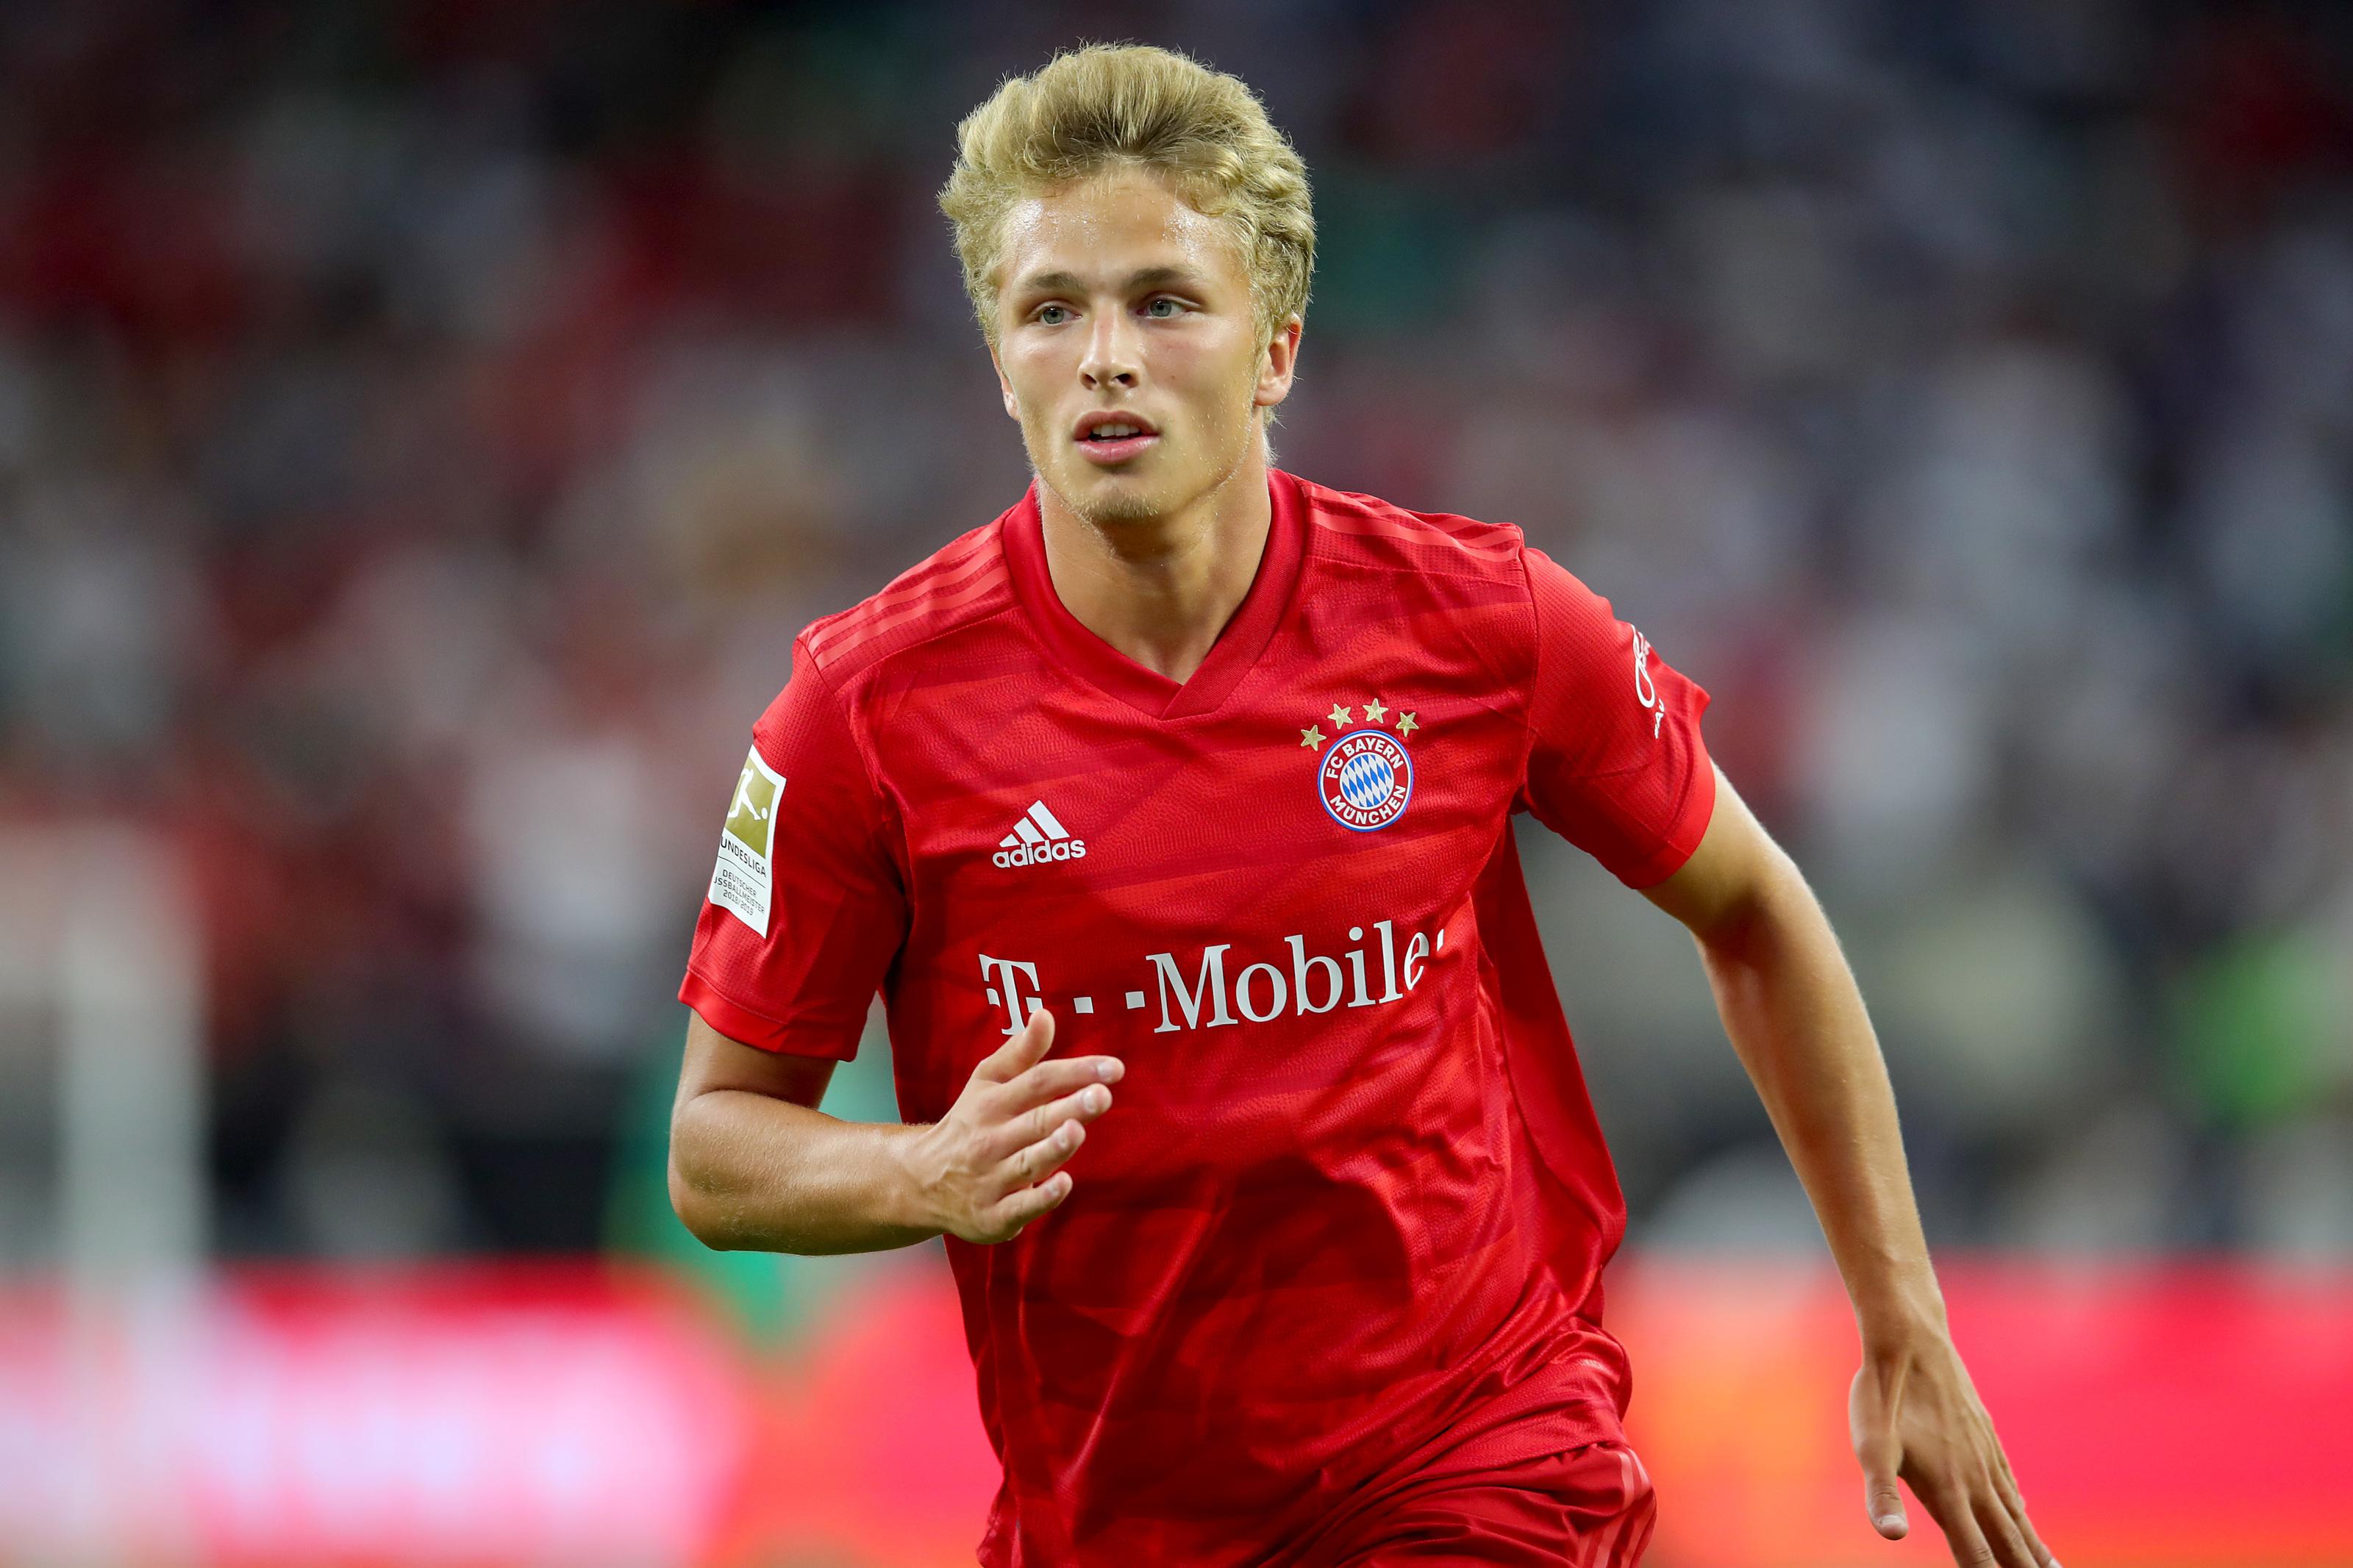 Arp Bayern